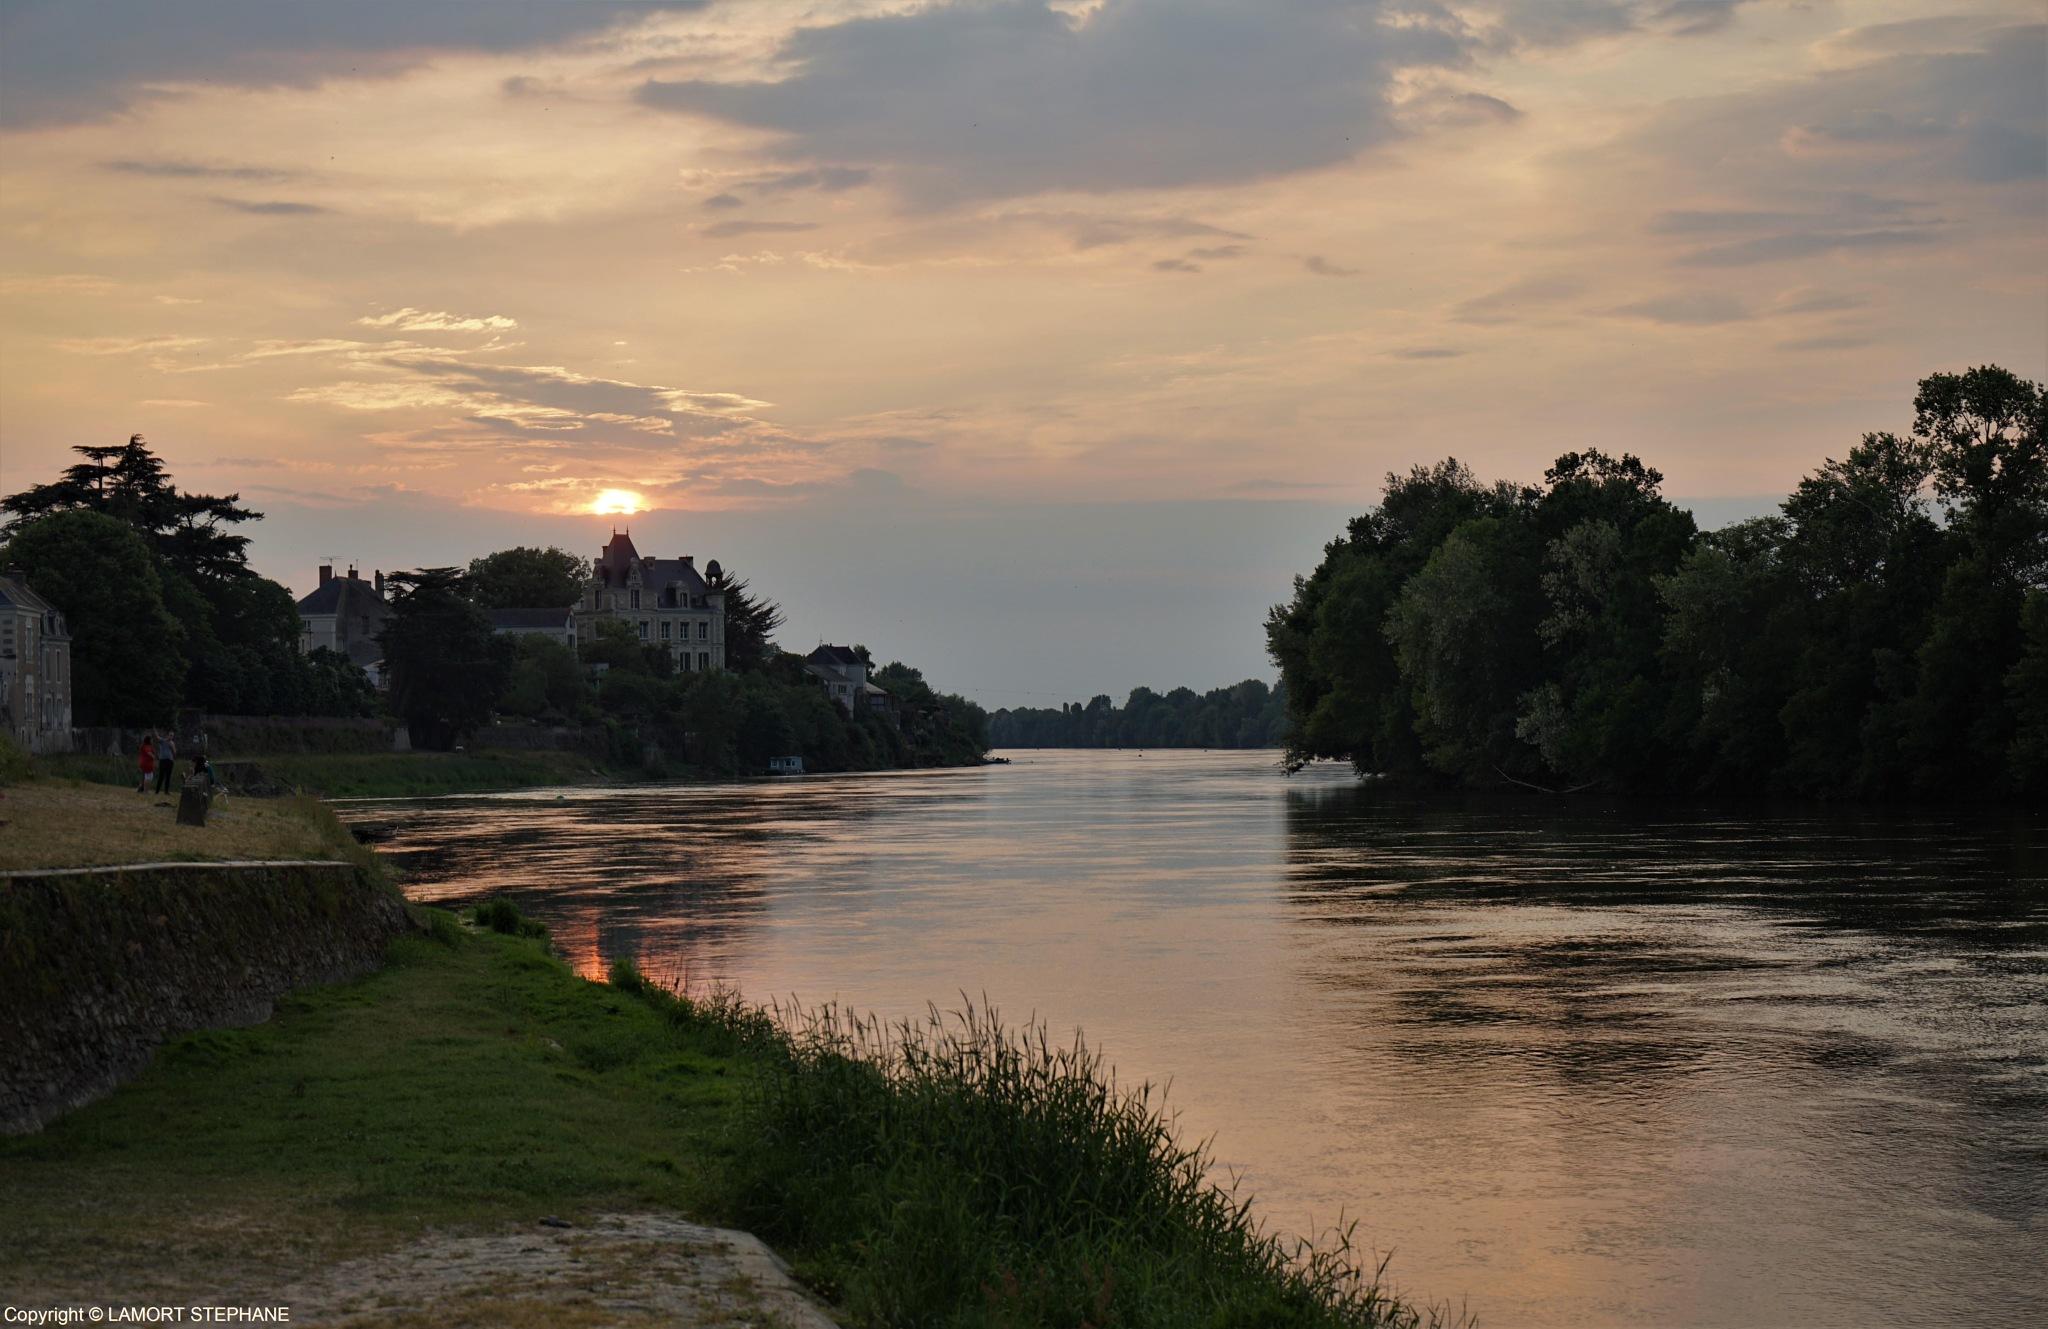 Chalonnes-sur-Loire by lamort stephane